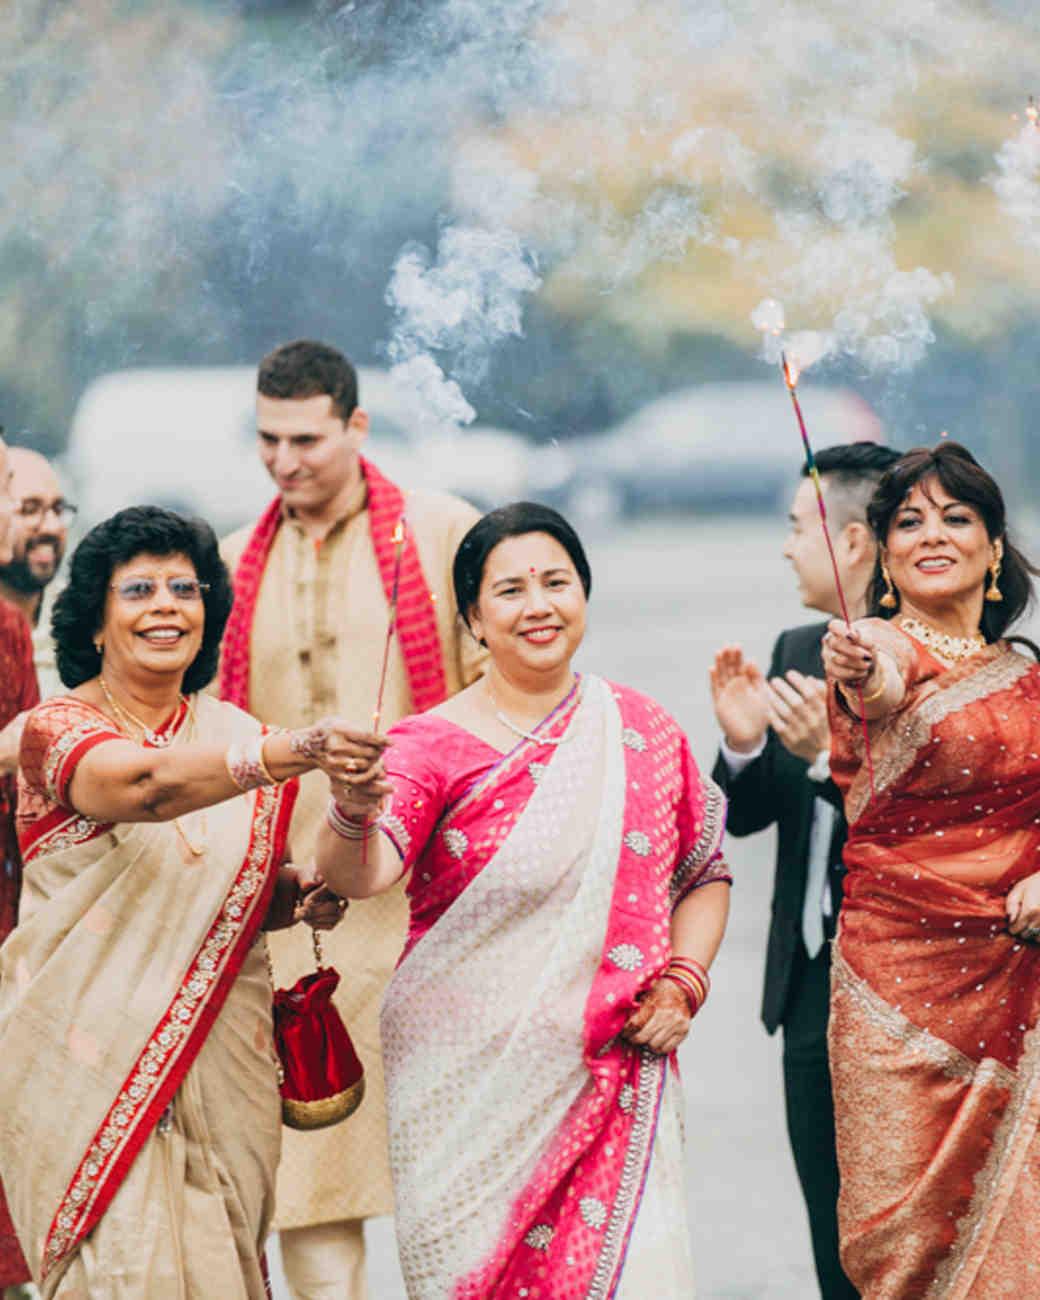 thea-rachit-wedding-indianritual-2025-s112016-0715.jpg